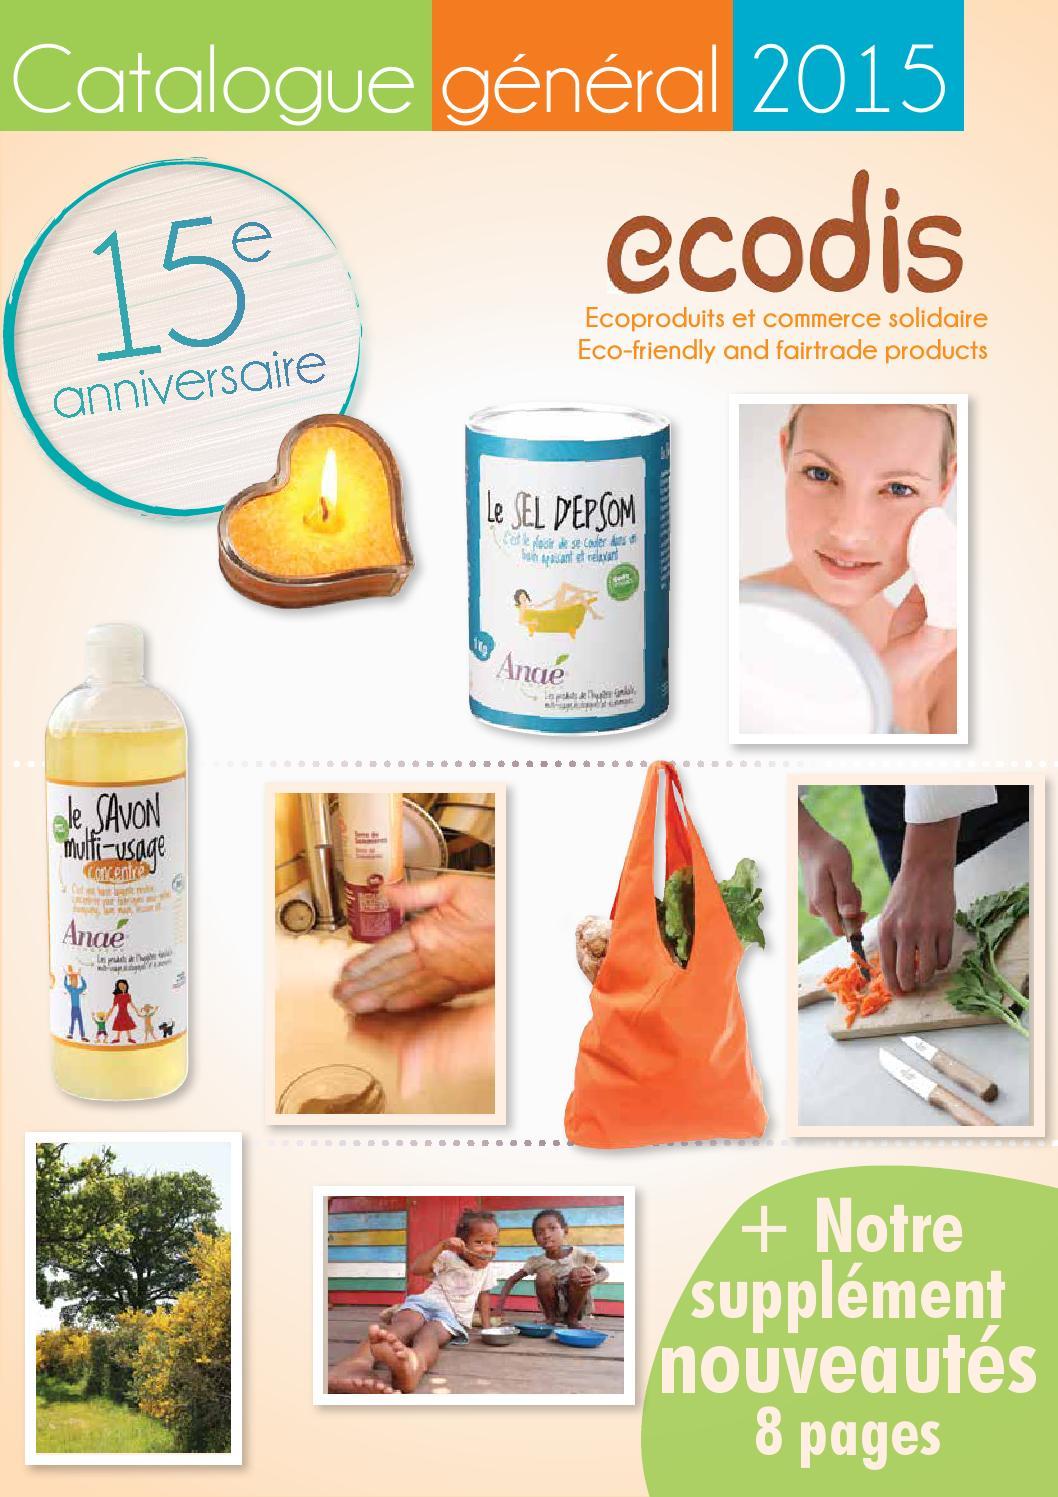 dea-concept enfant bouillotte s/èche rempli de noyeaux de cerises bio coton taupe imprim/é d/étoiles nacr/ées